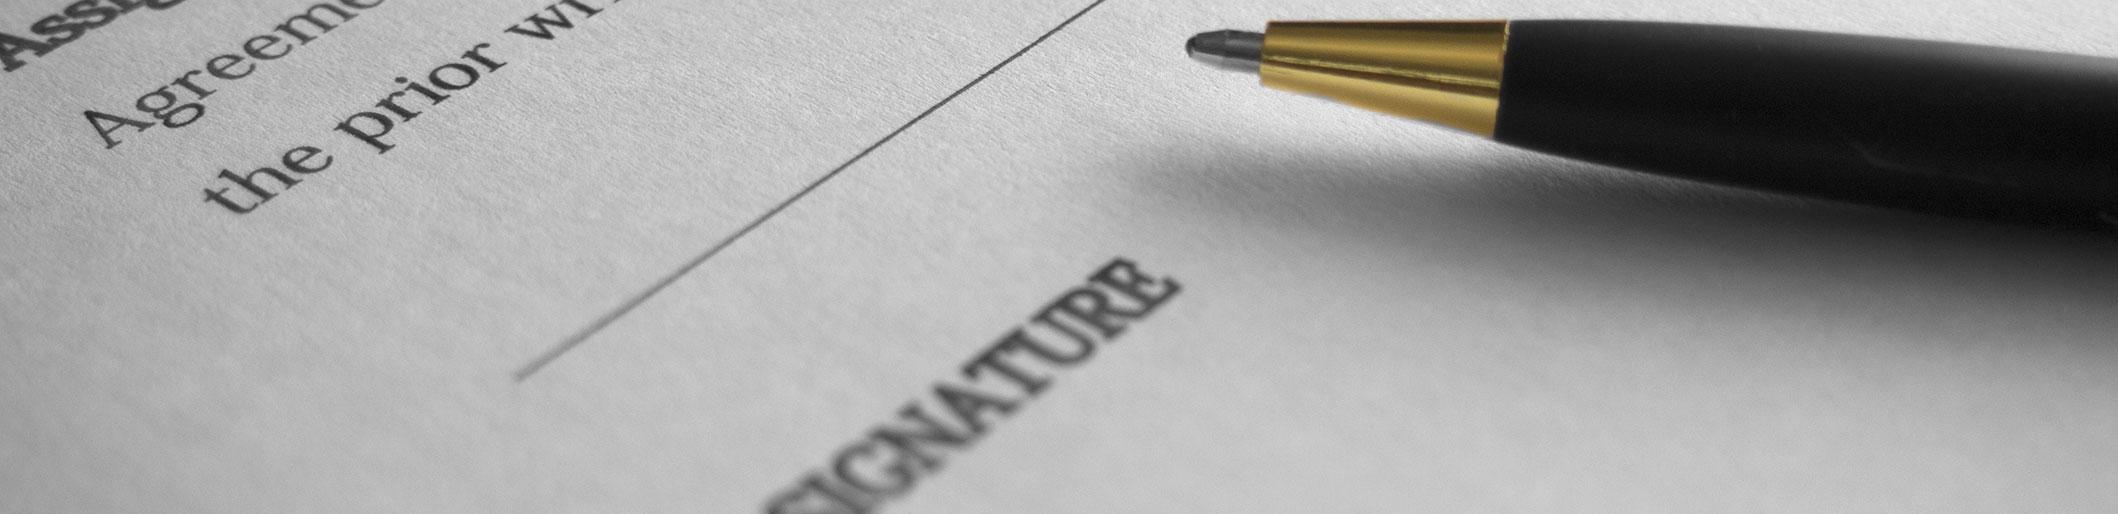 Mogelijke negatieve gevolgen PIV-convenant voor slachtoffers letselschade | LetselPro